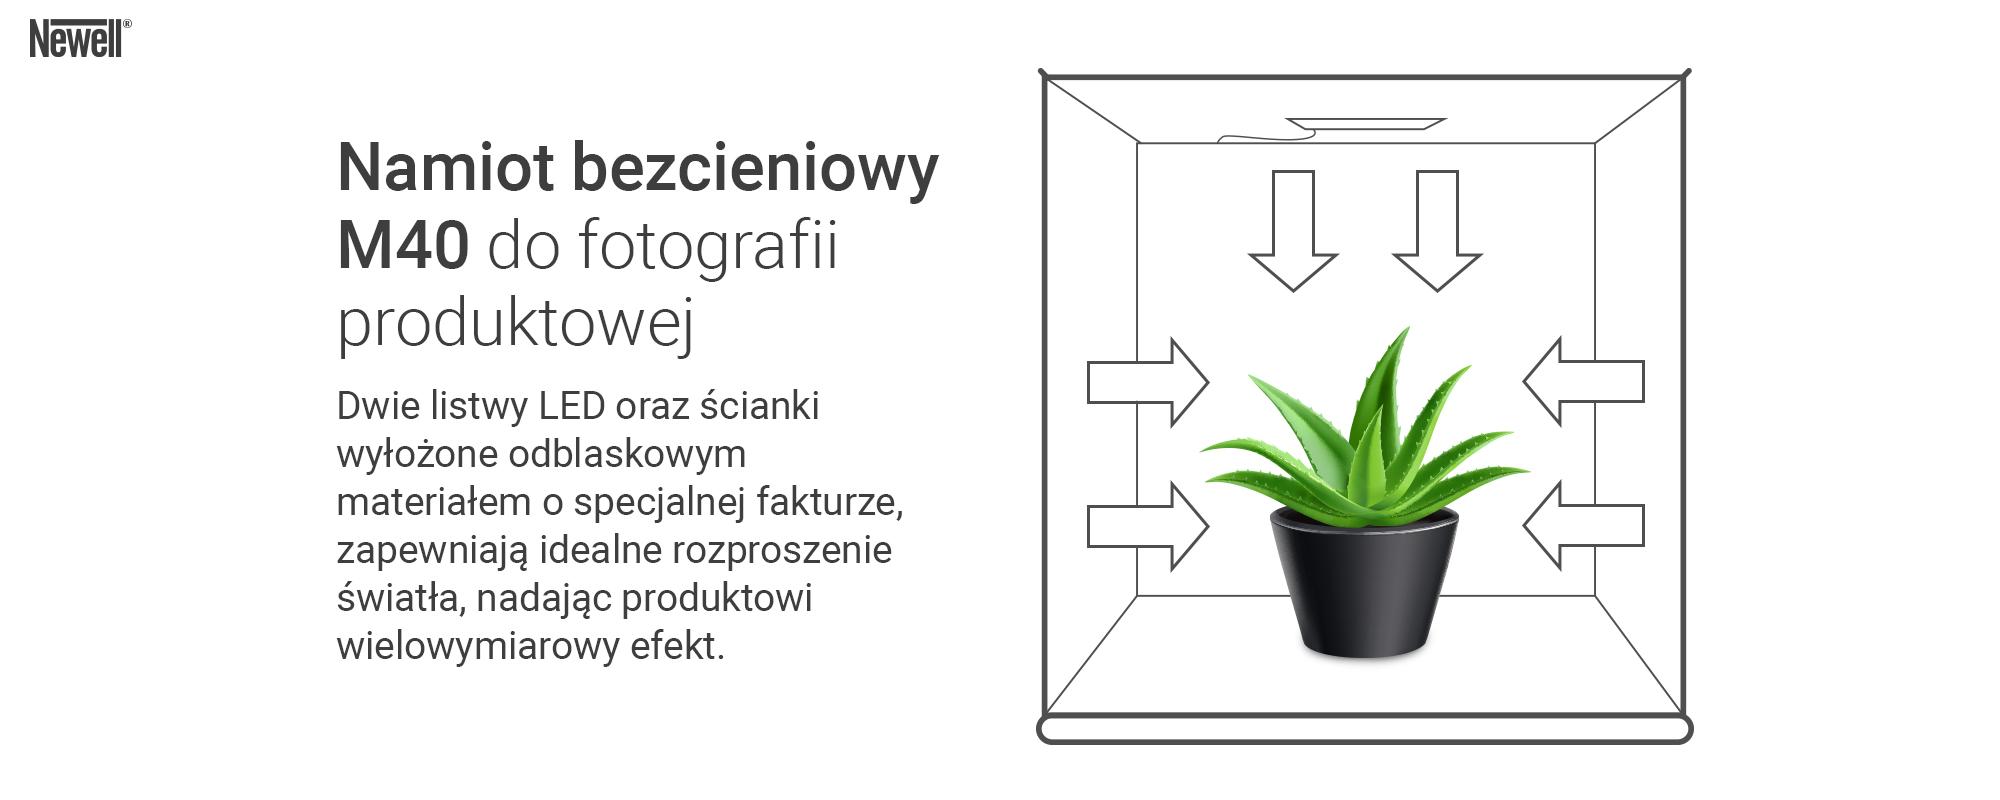 Grafika - Namiot bezcieniowy Newell M40 do fotografii produktowej_02.jpg